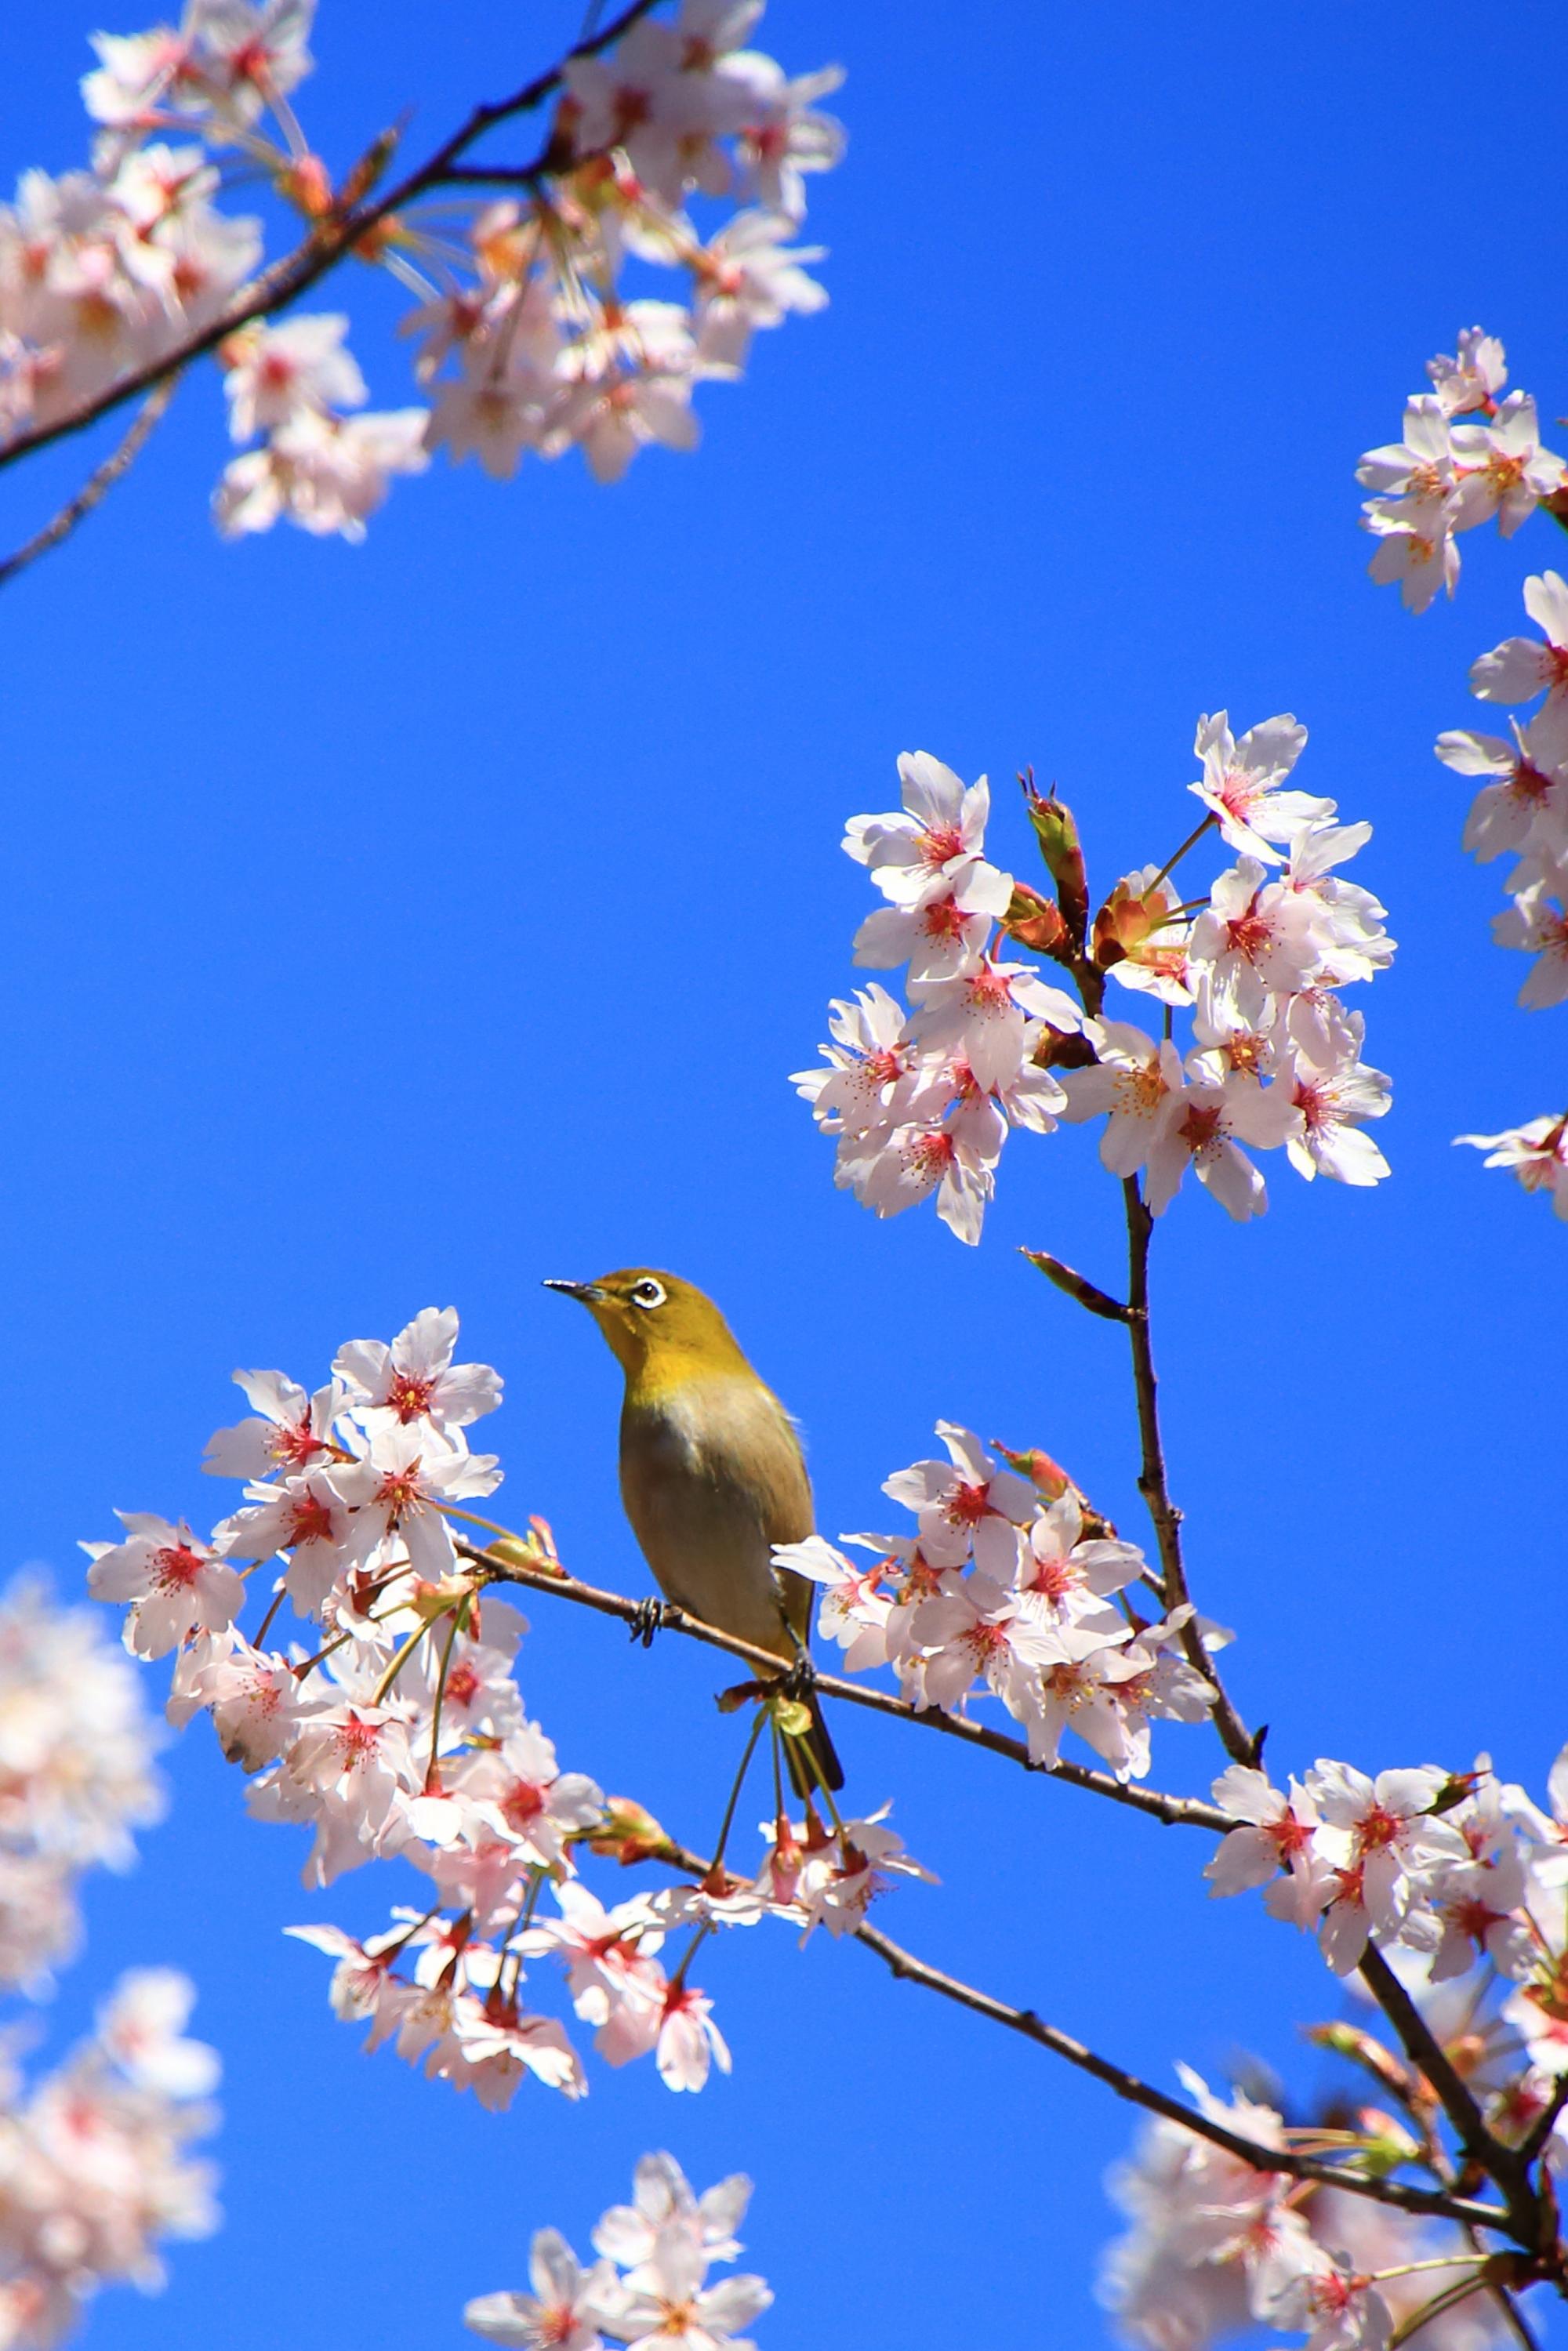 車折神社の素晴らしい桜と鳥と春の情景